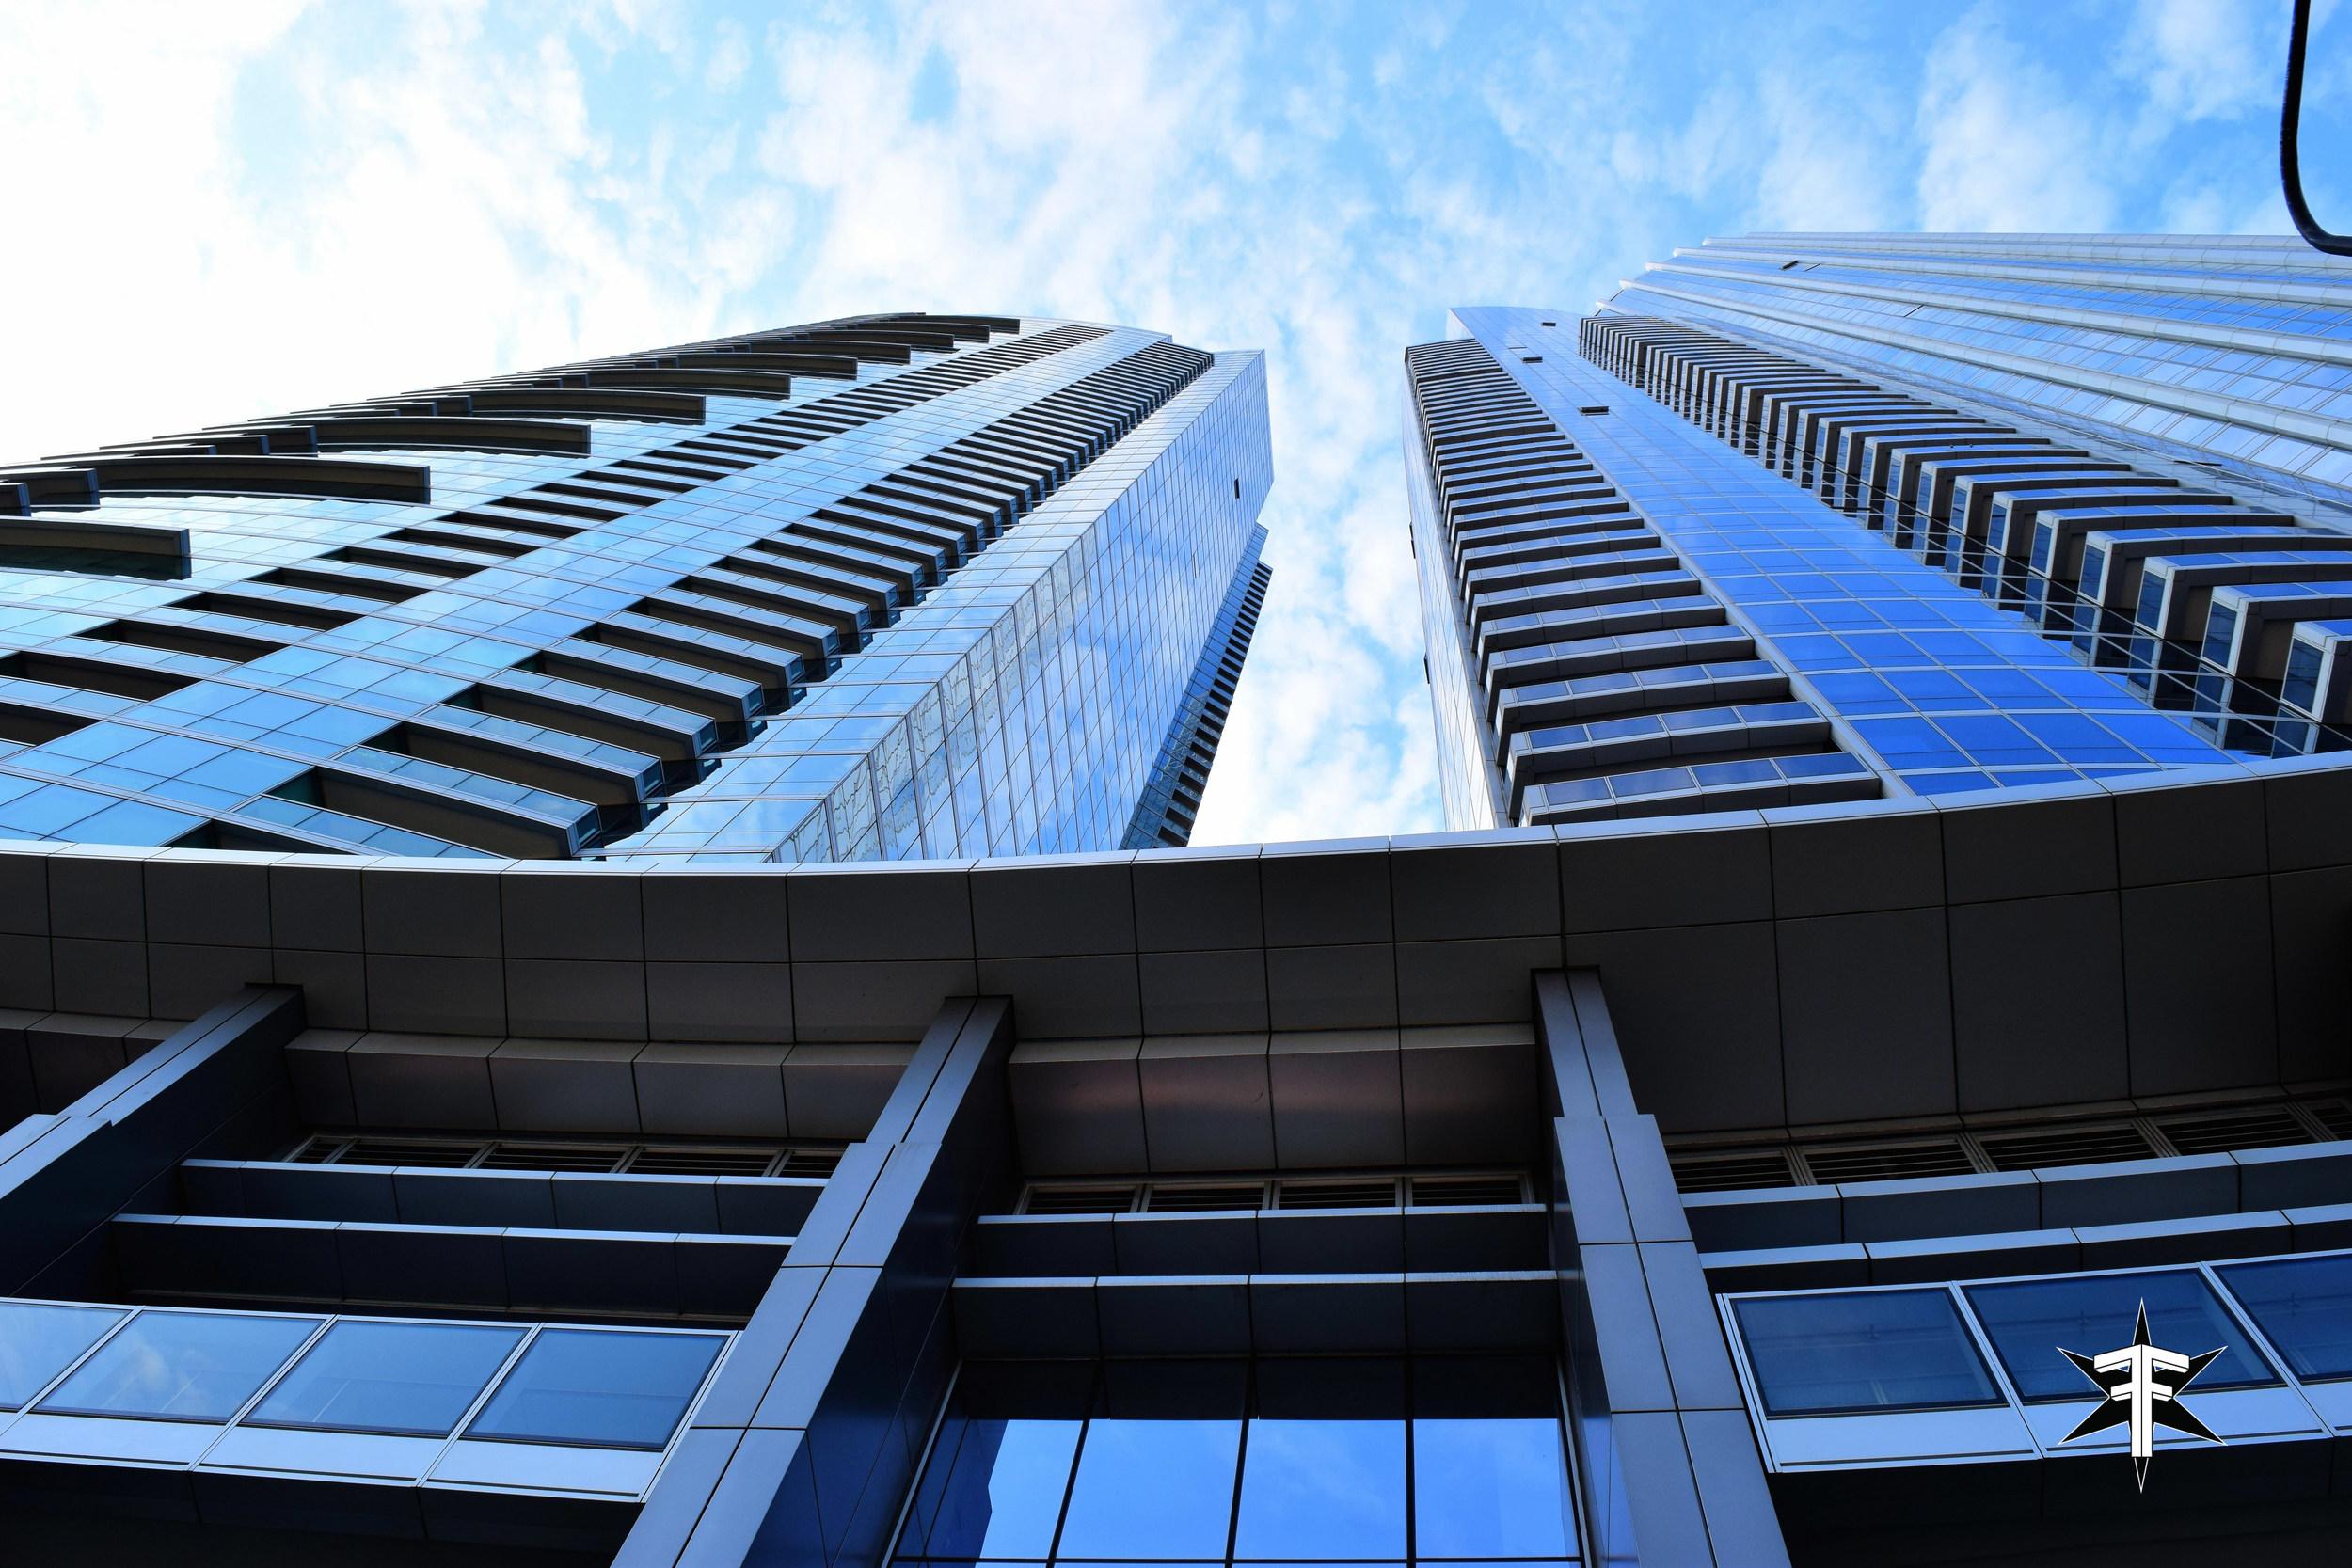 chicago architecture eric formato photography design arquitectura architettura buildings skyscraper skyscrapers-113.jpg